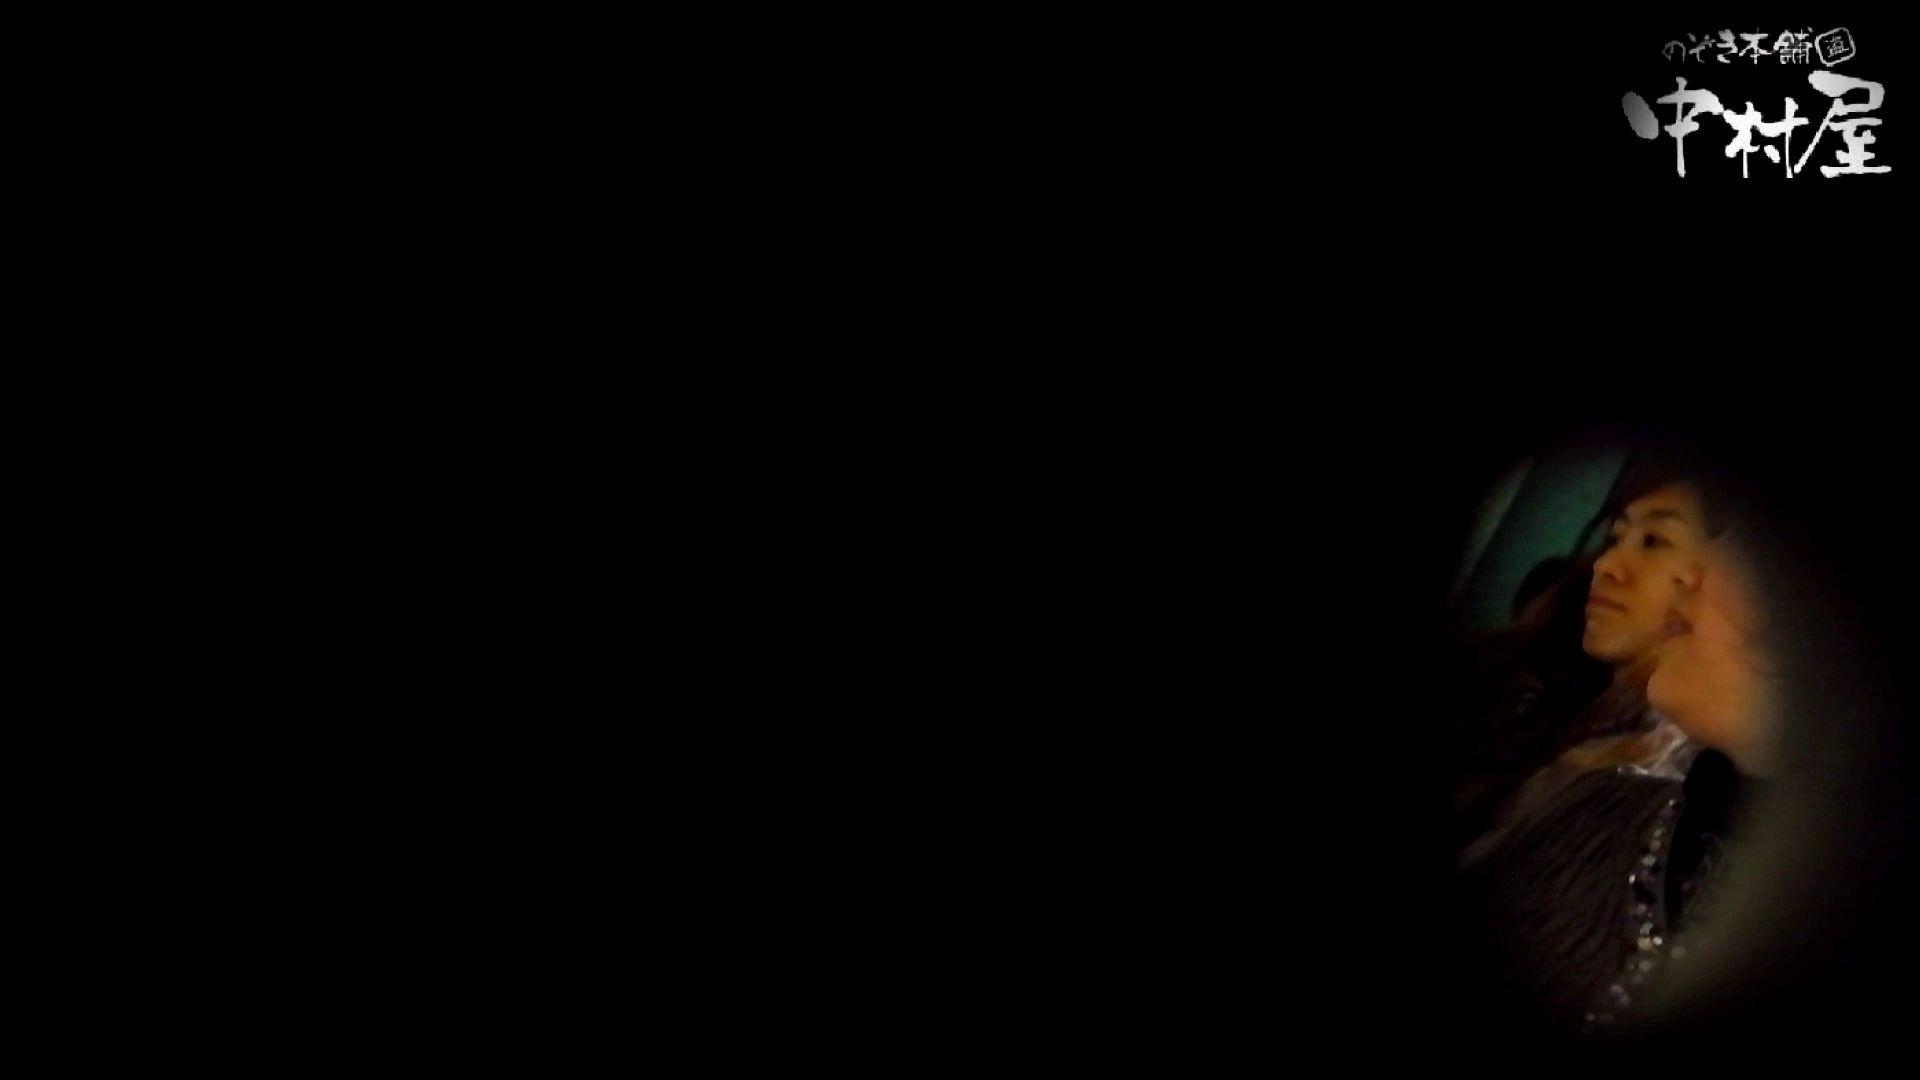 【世界の射窓から】世界の射窓から vol.7 洗面所編  95PIX 12